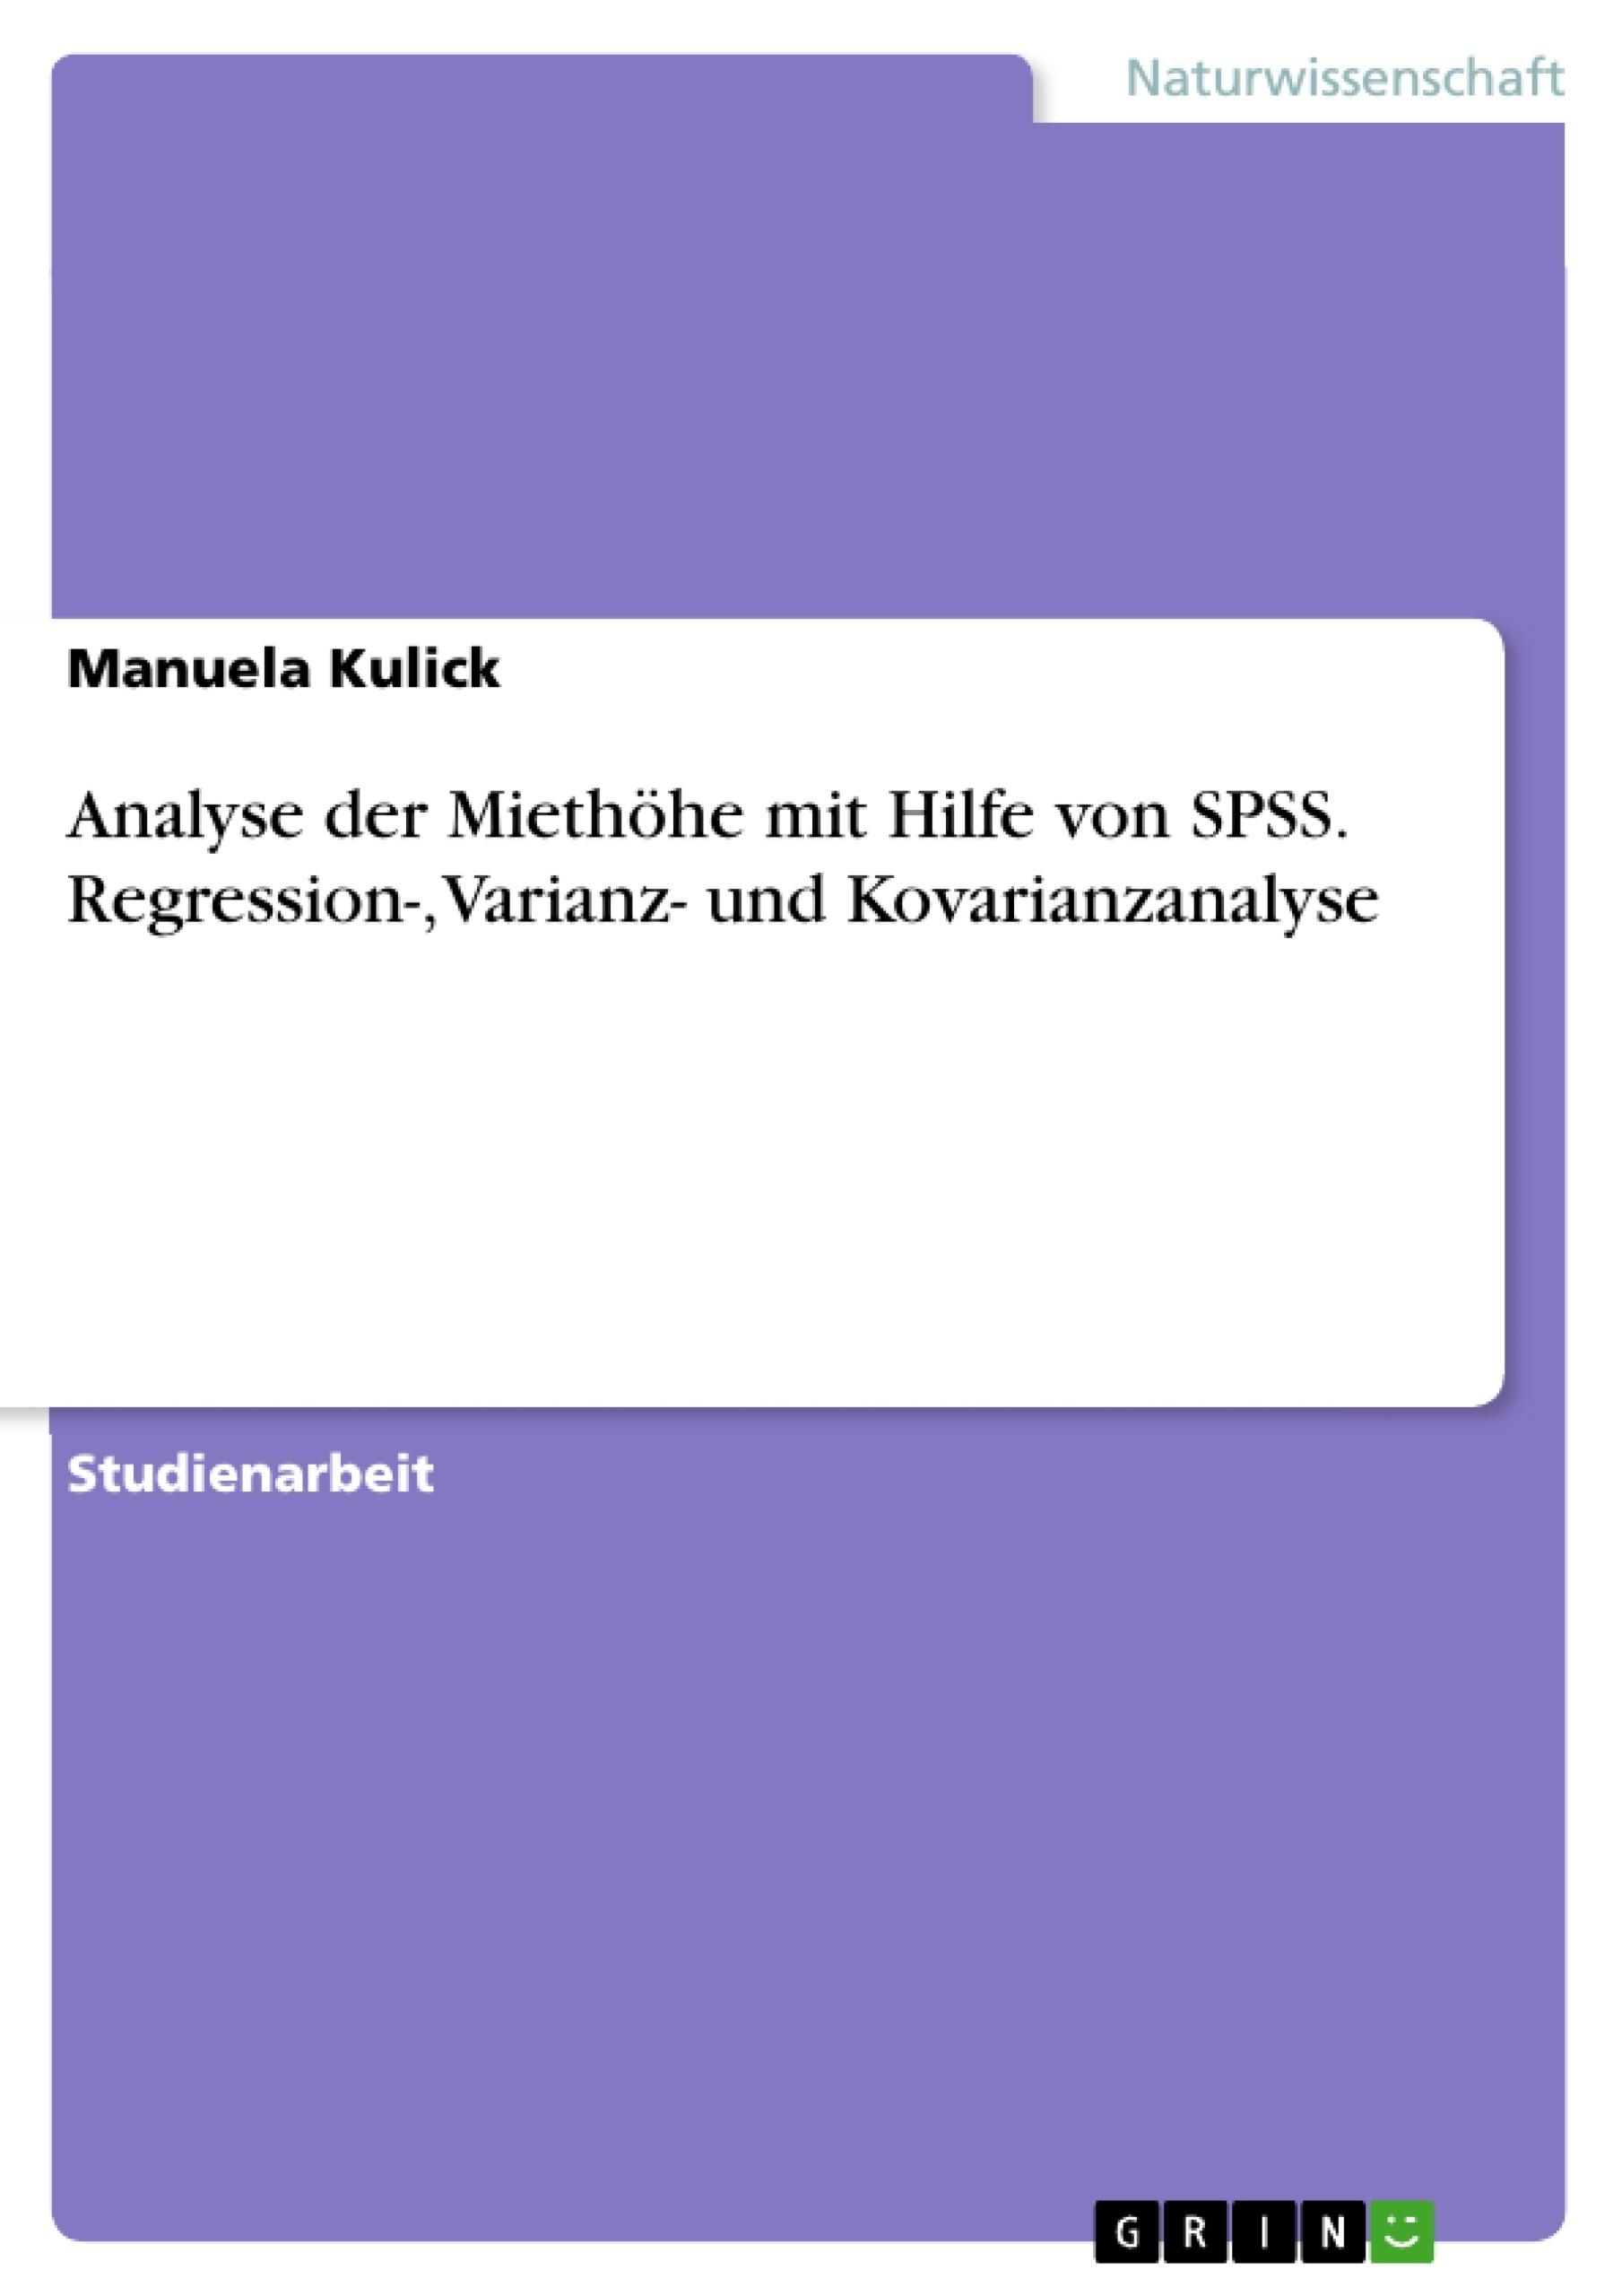 Titel: Analyse der Miethöhe mit Hilfe von SPSS. Regression-, Varianz- und Kovarianzanalyse